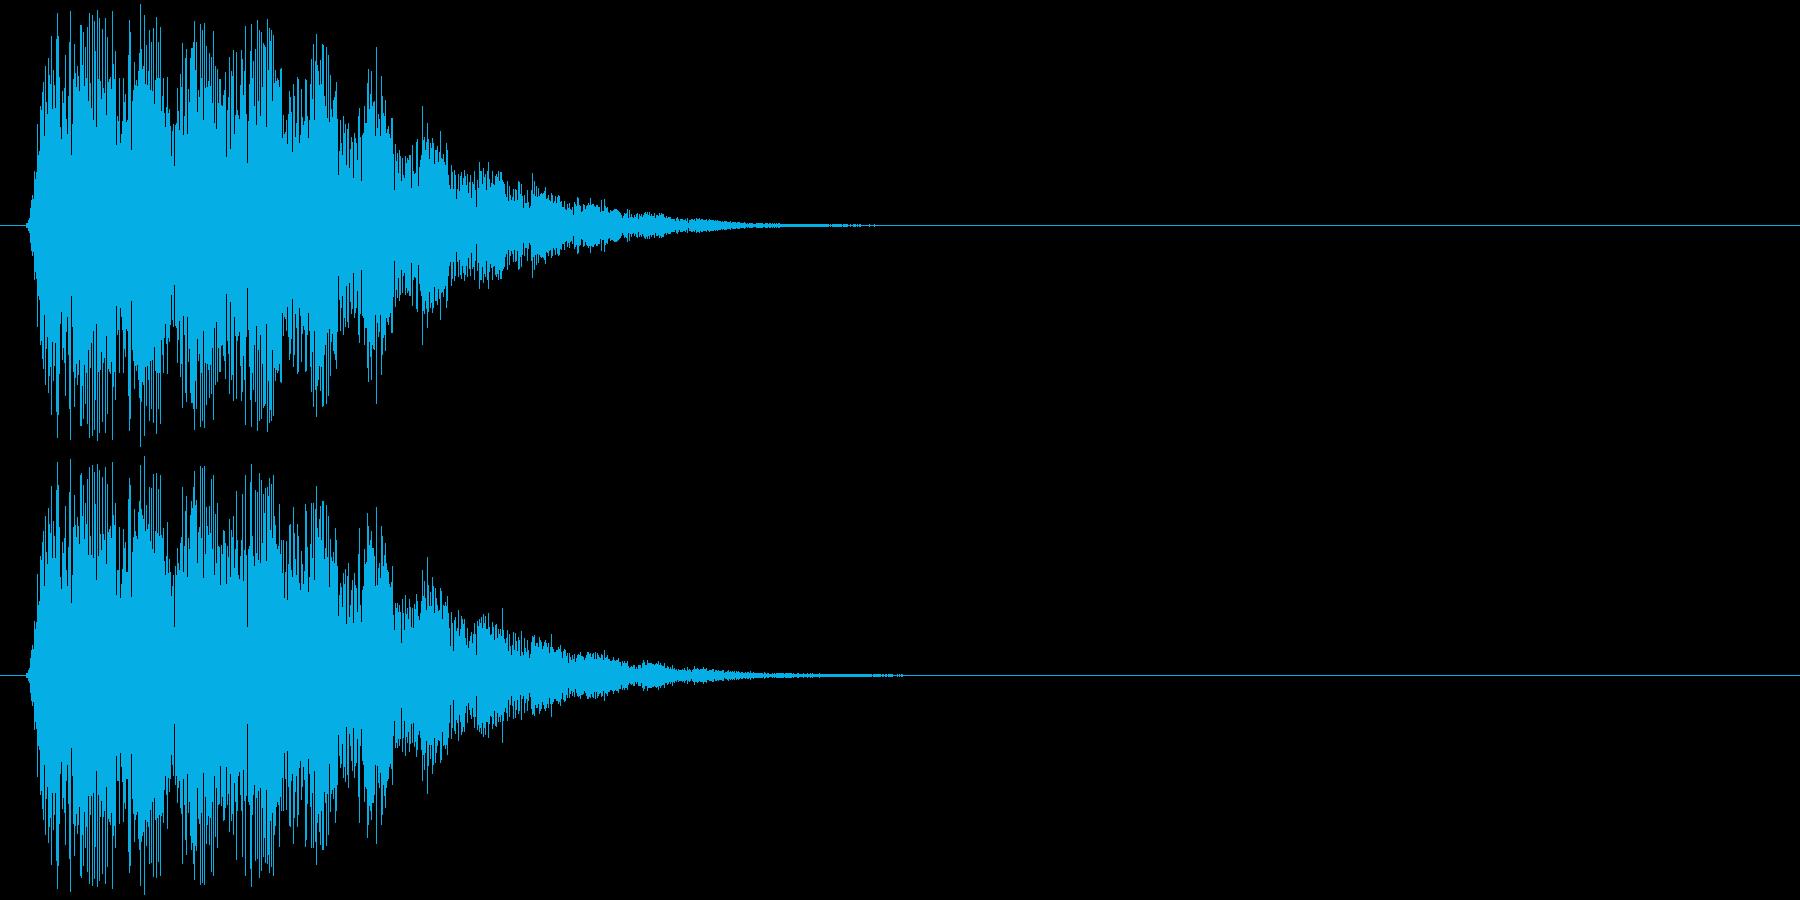 ティロリロリロッ↑(ポップな効果音)の再生済みの波形